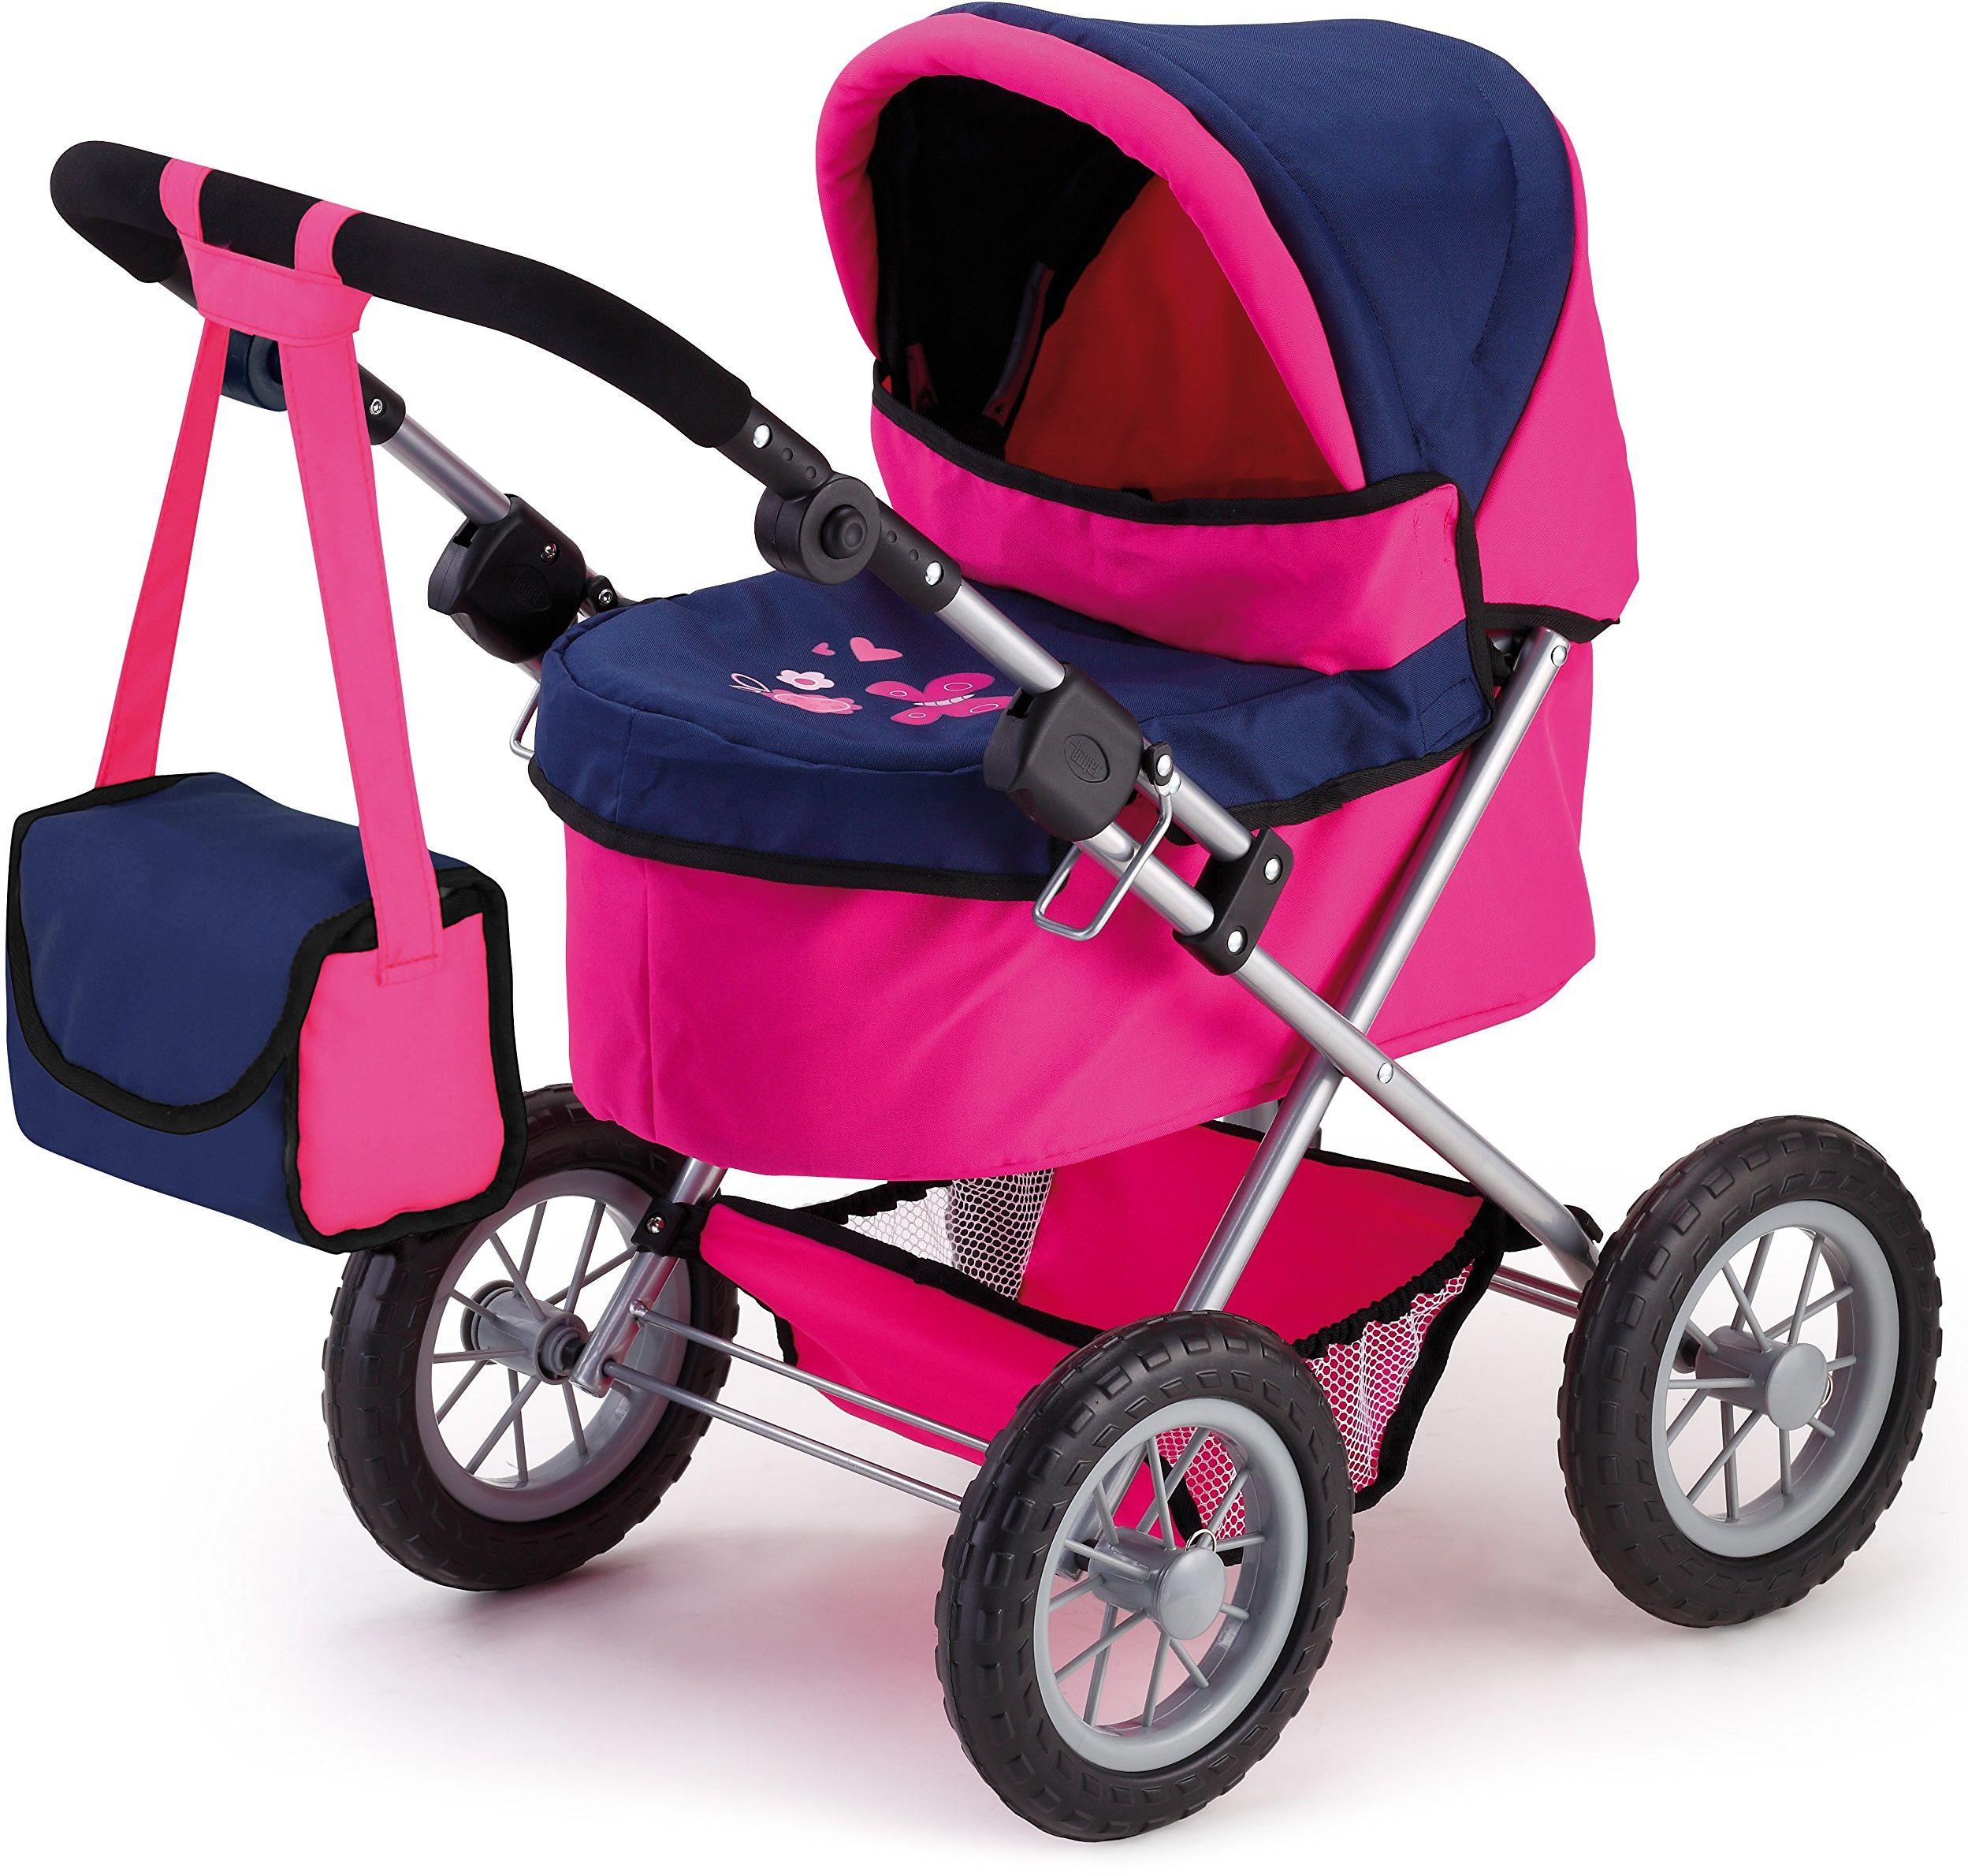 Bayer Design 13013 - wózek dla lalek Trendy, różowy/niebieski